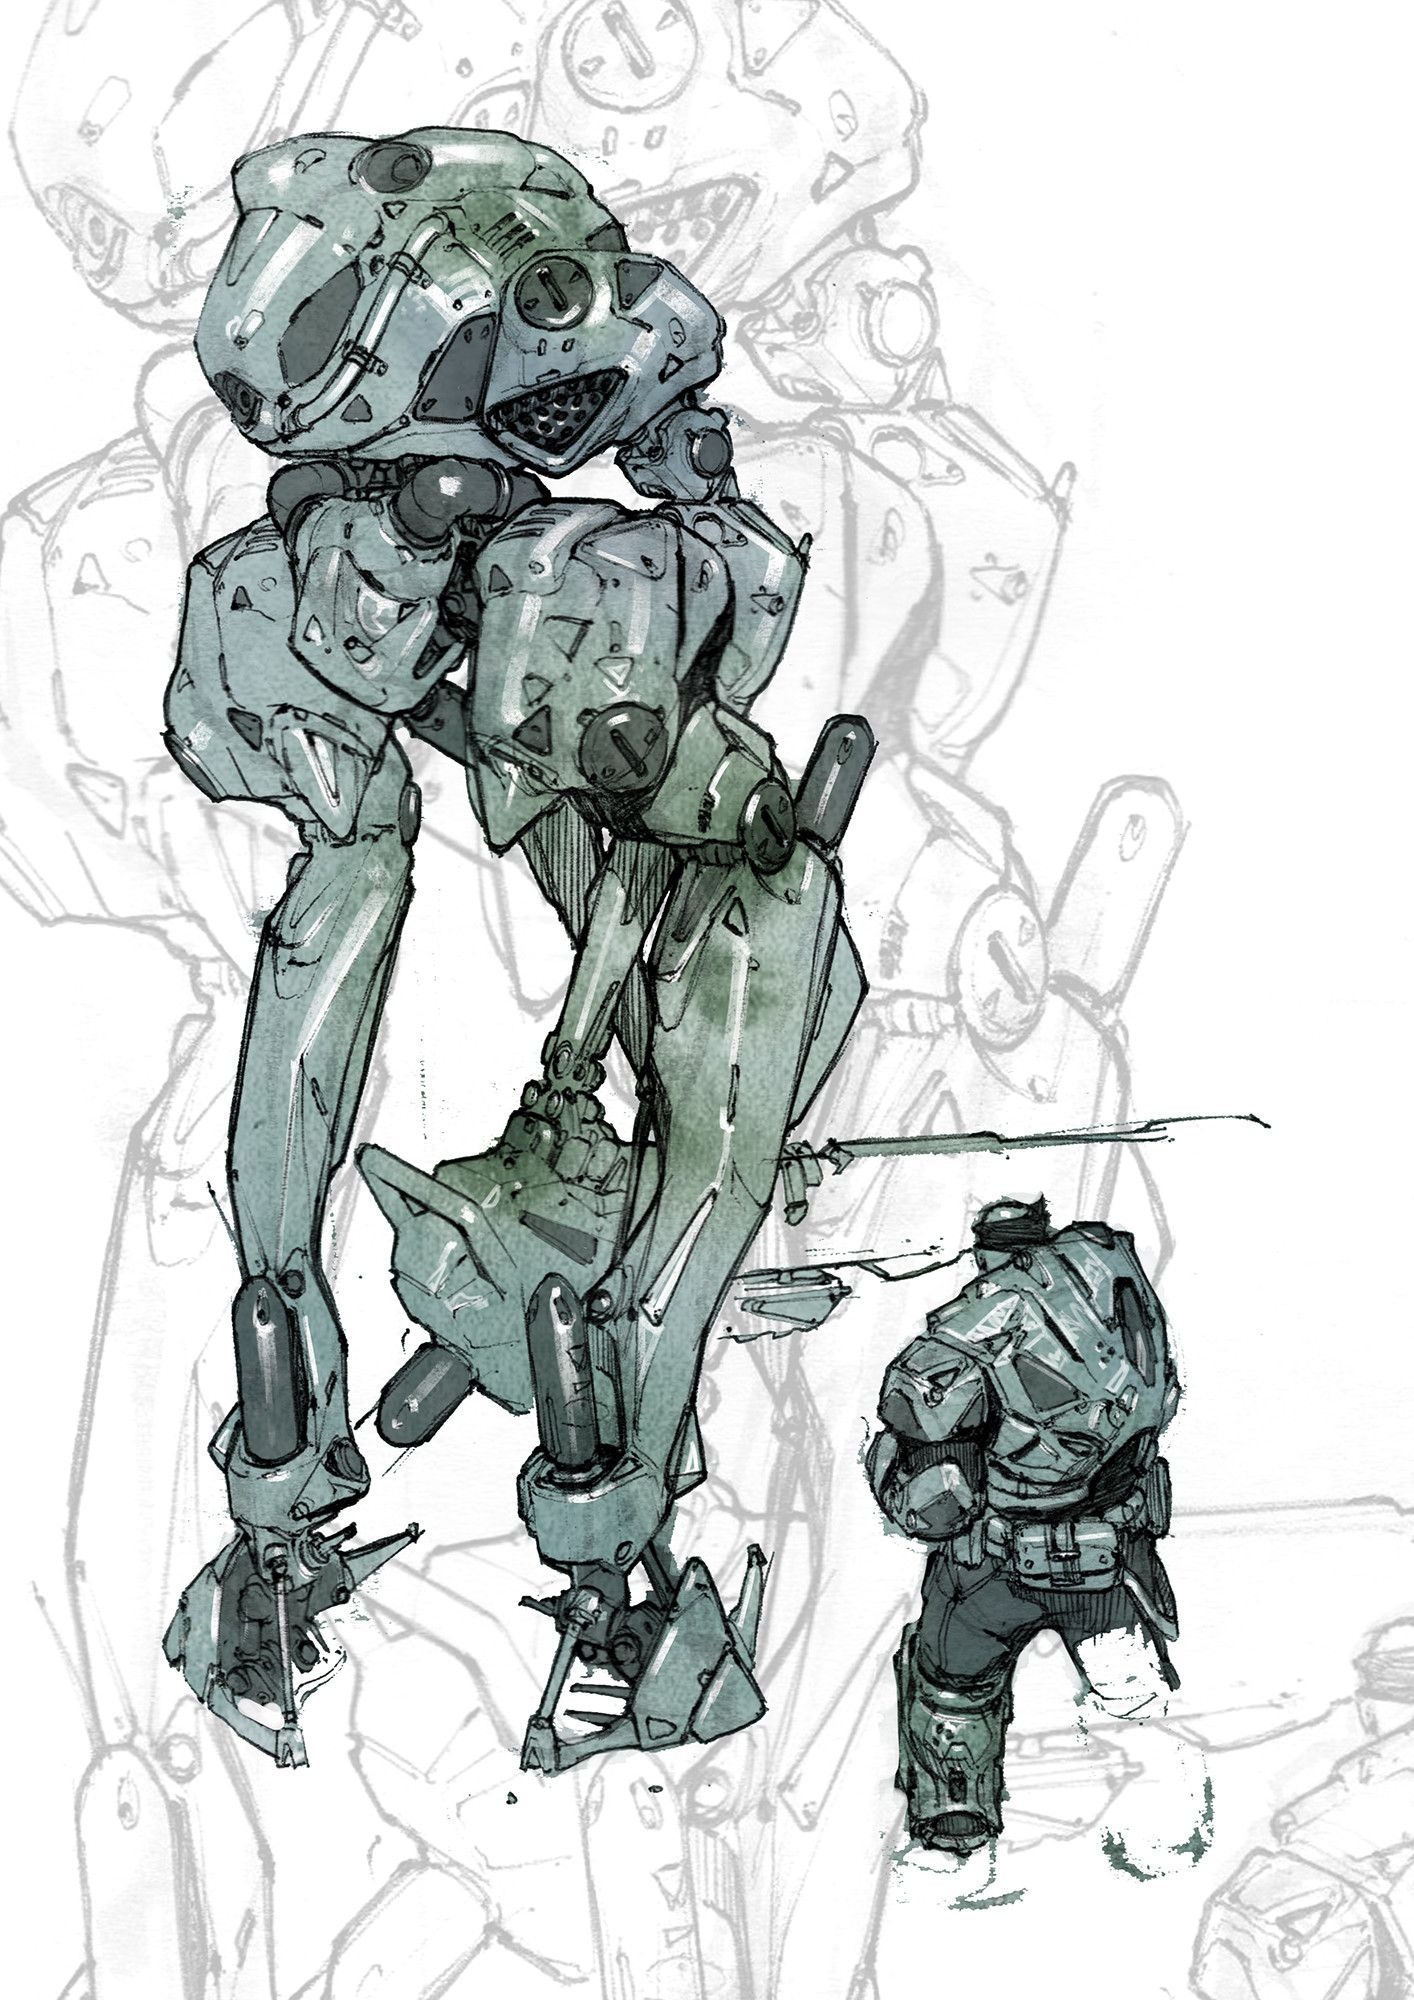 ArtStation - Sketchbook stuffsies, Nikolay Georgiev